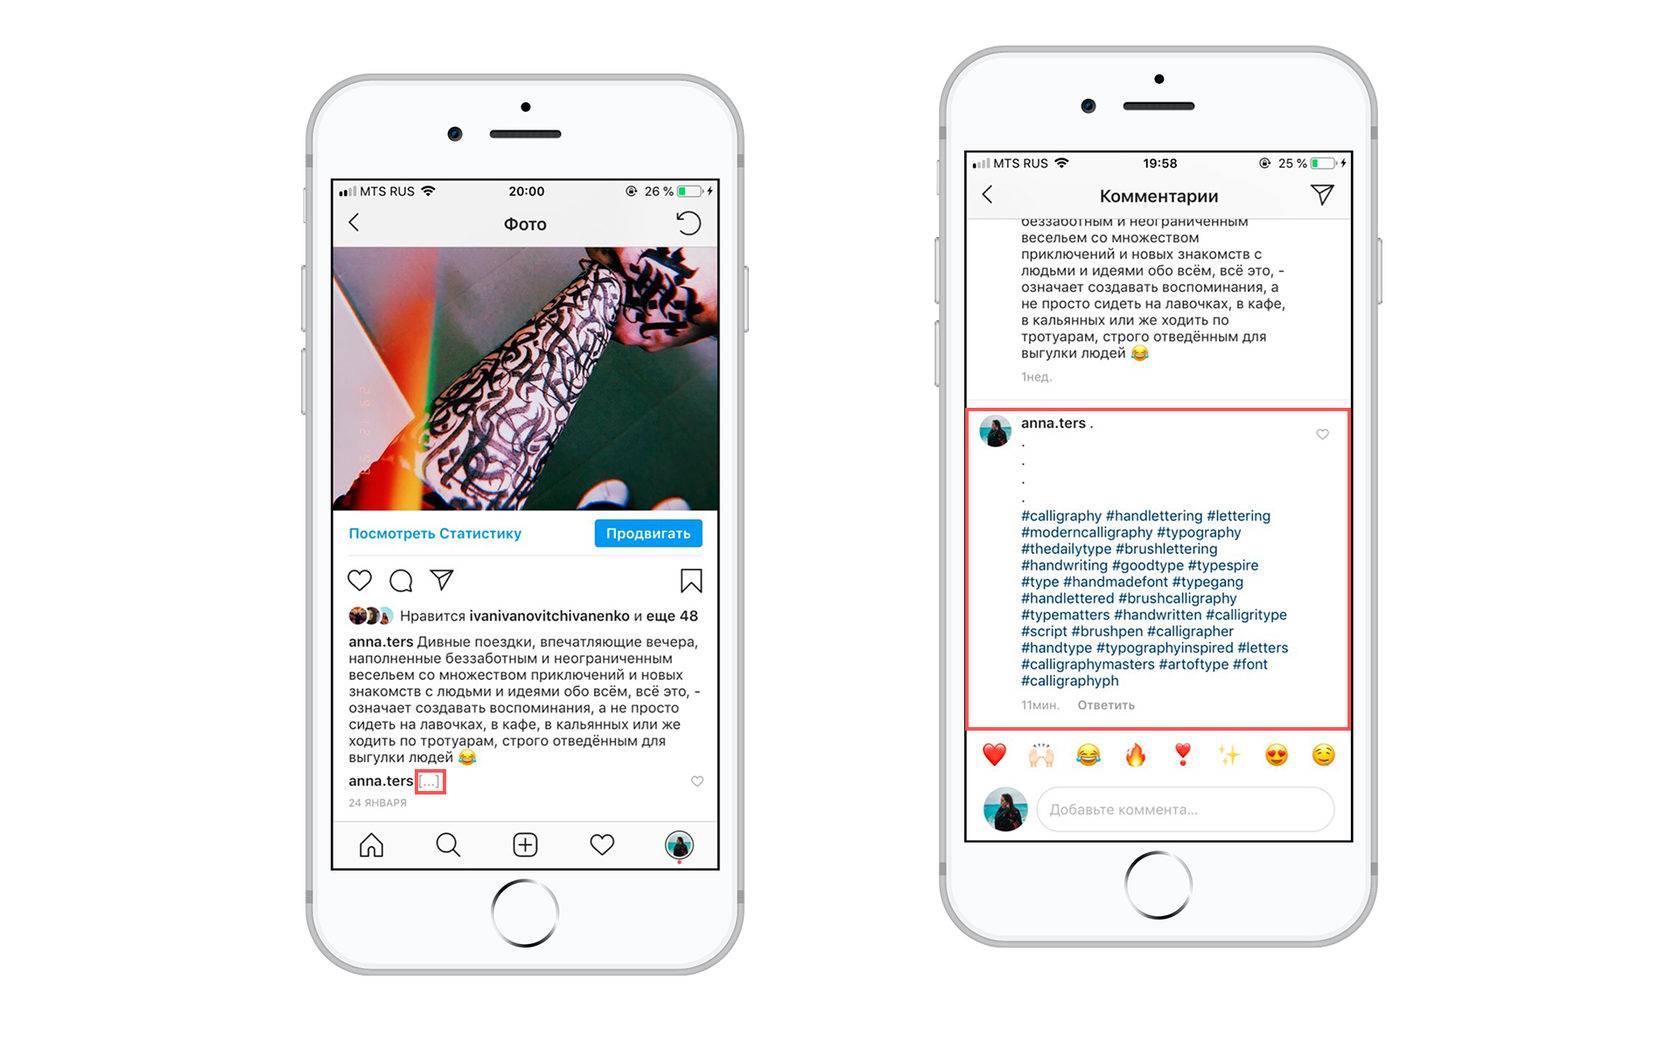 Хэштеги в инстаграм для лайков и подписчиков: эффективное продвижение